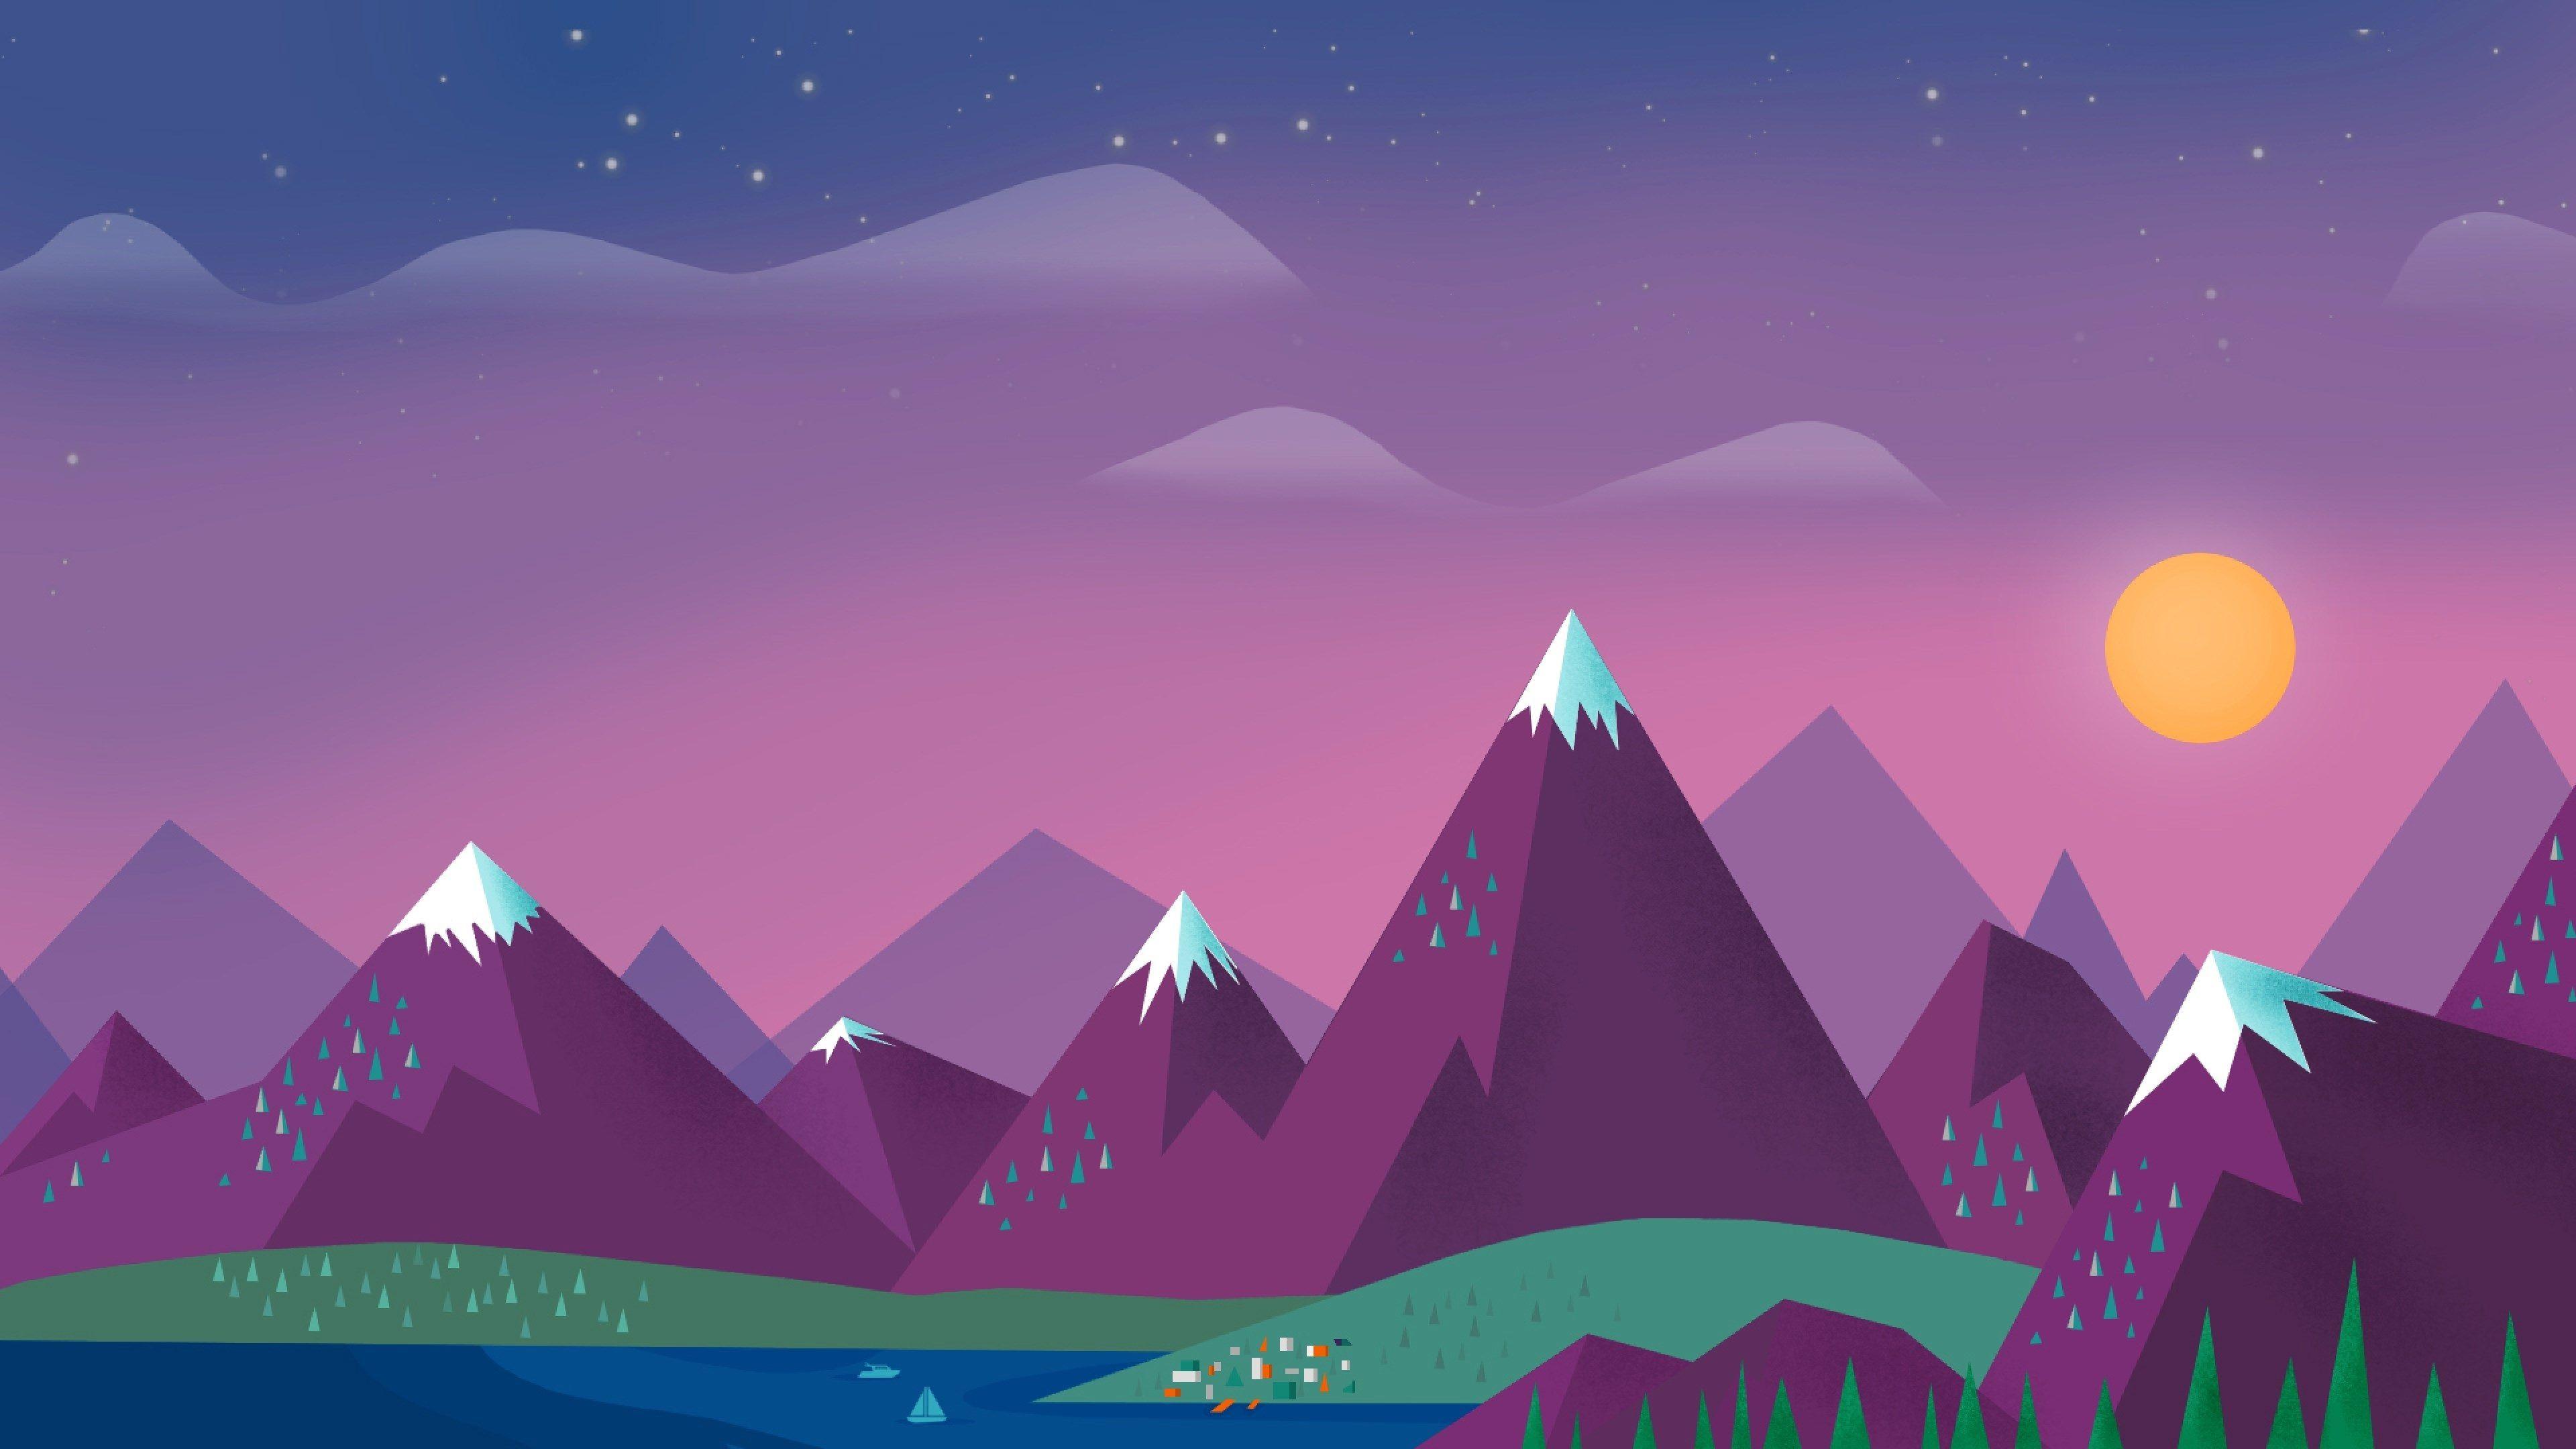 3840x2160 minimalism 4k background free